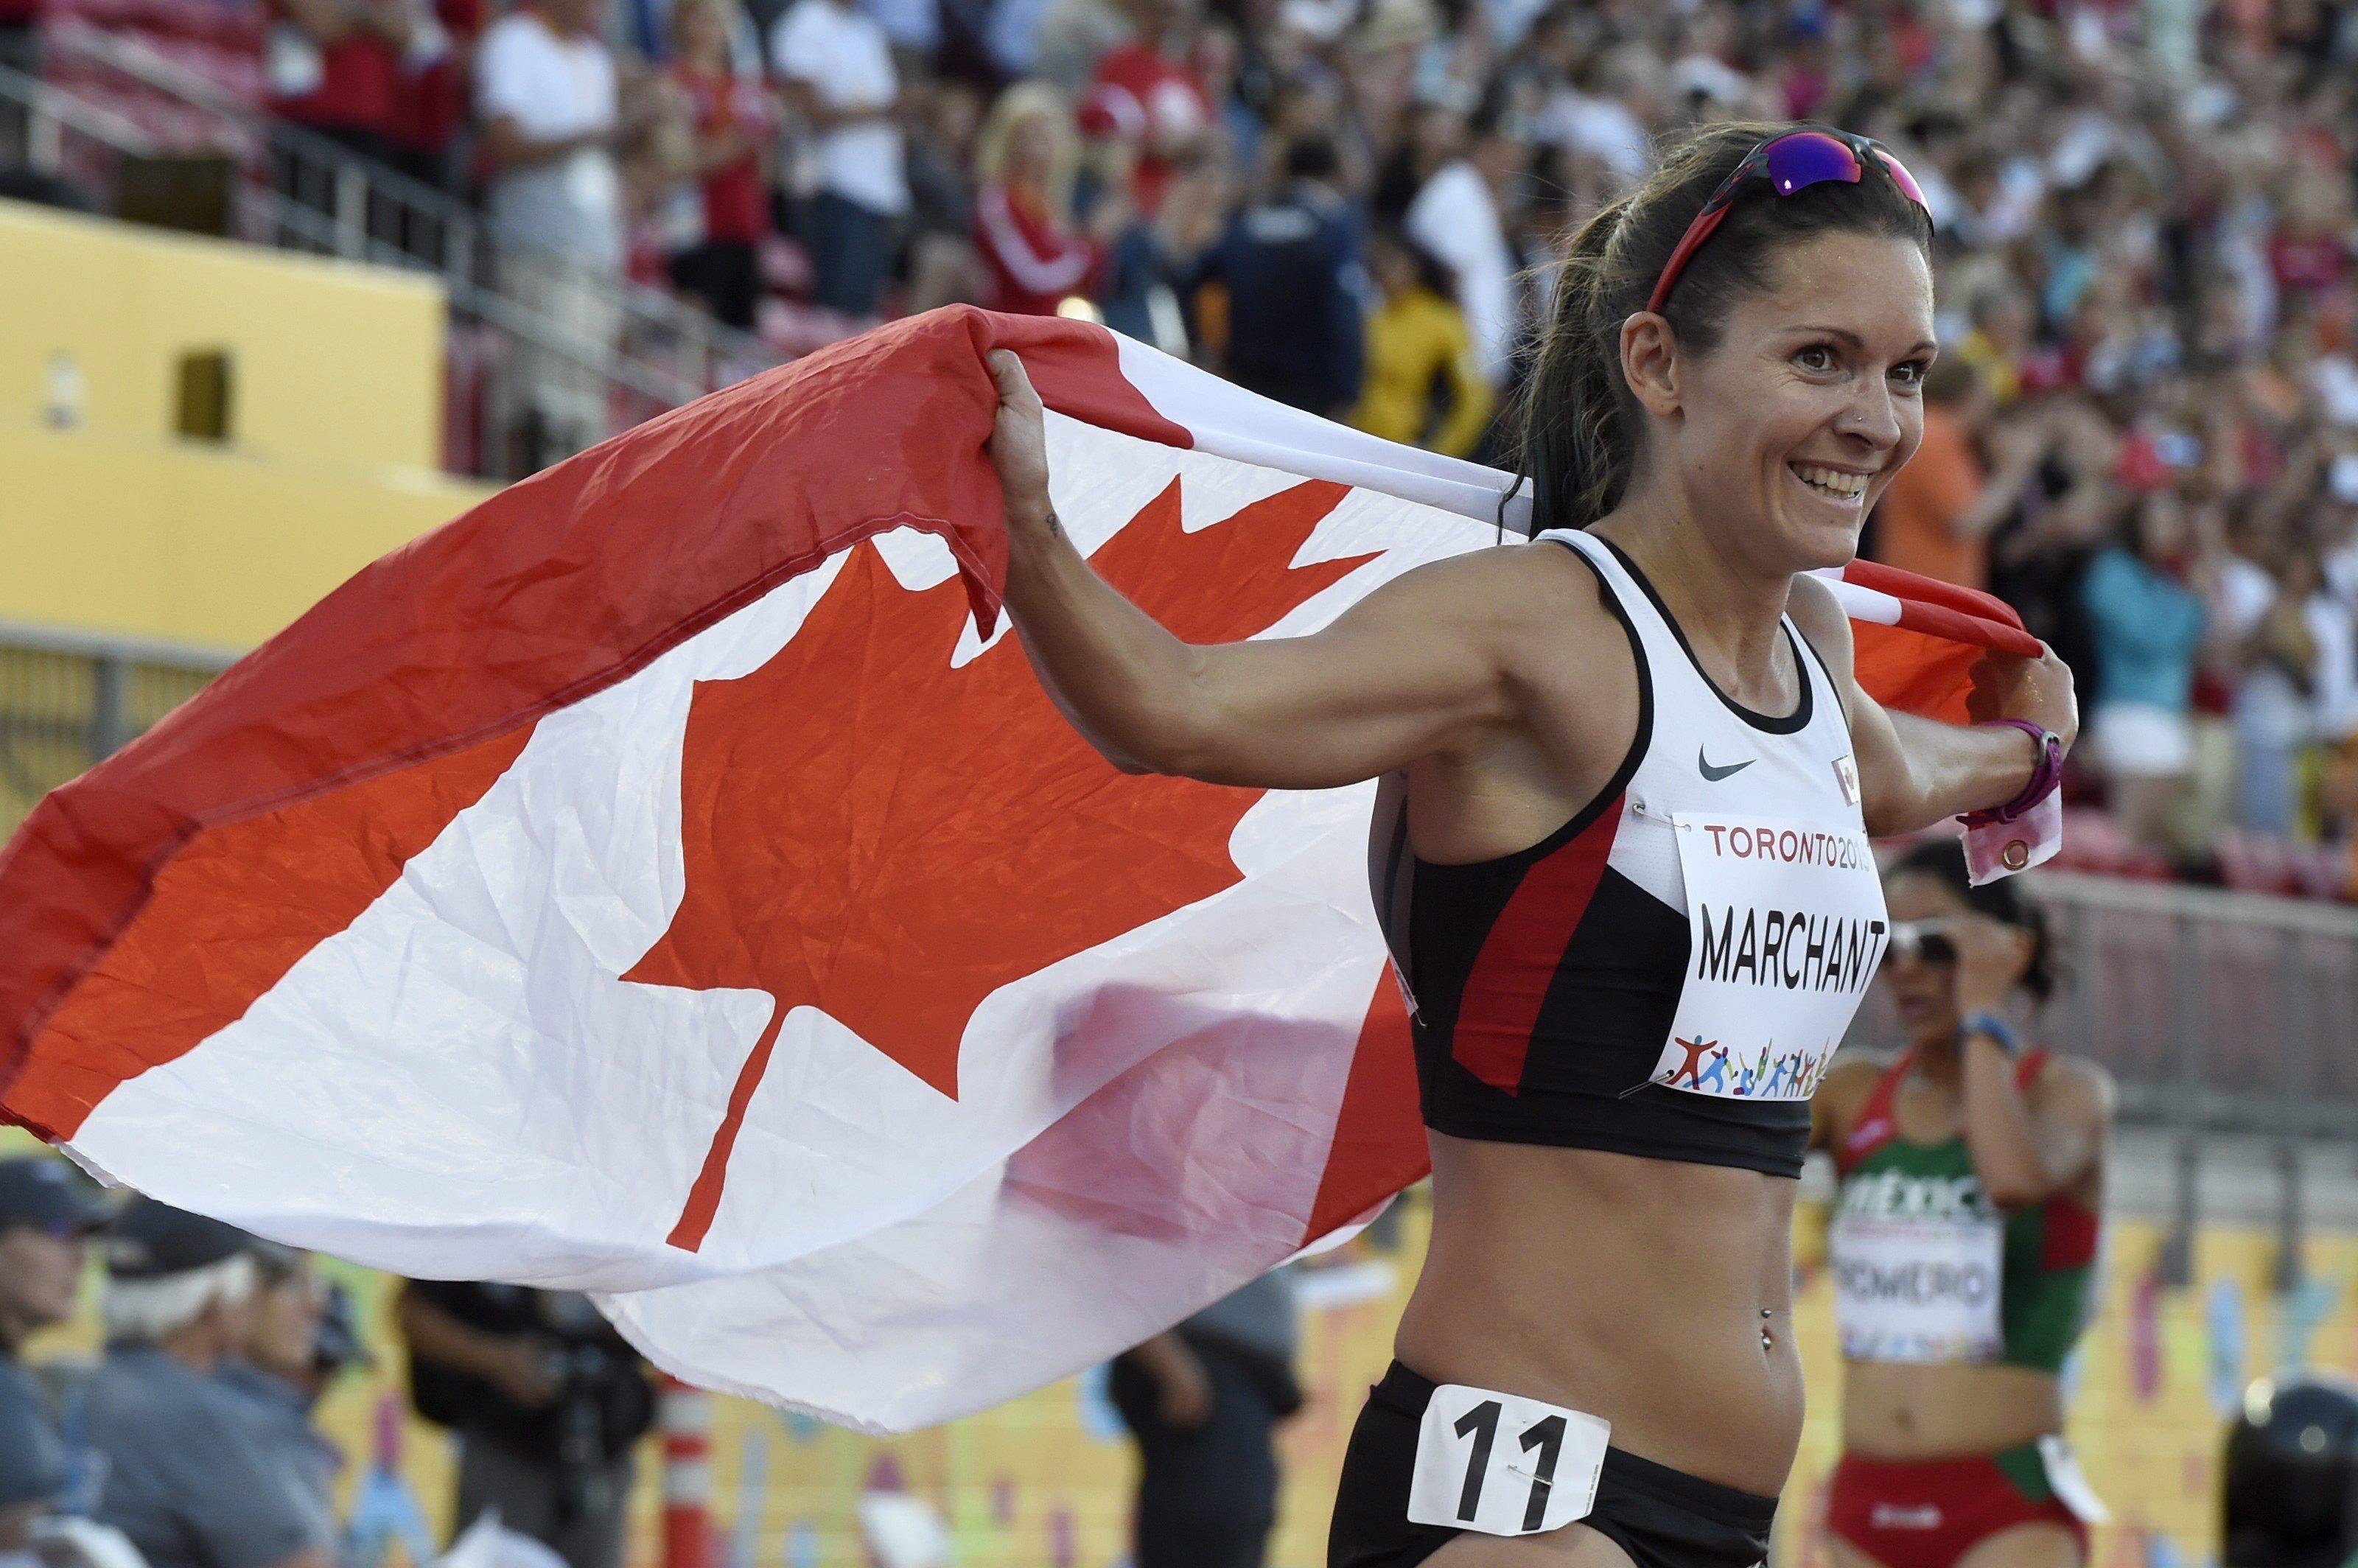 Lanni Marchant célèbre sa troisième place au 10 000 m, le 23 juillet 2015.